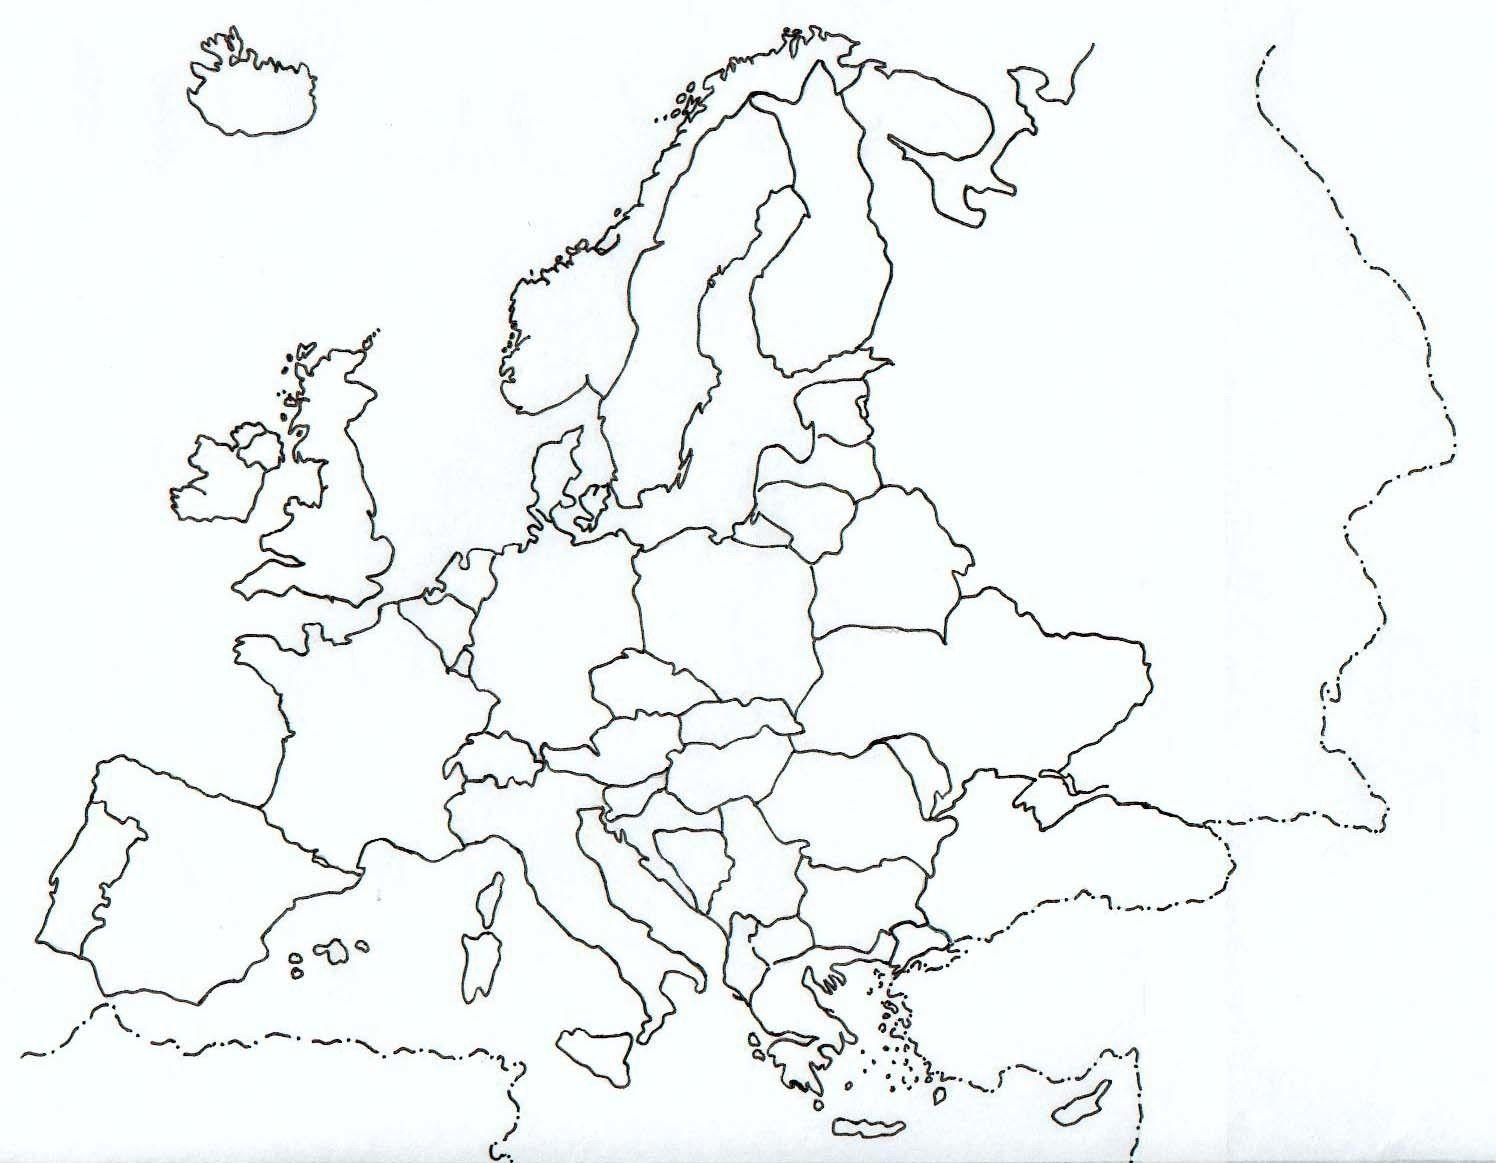 Mapa Politico Union Europea Mudo.La Union Europea Quiz